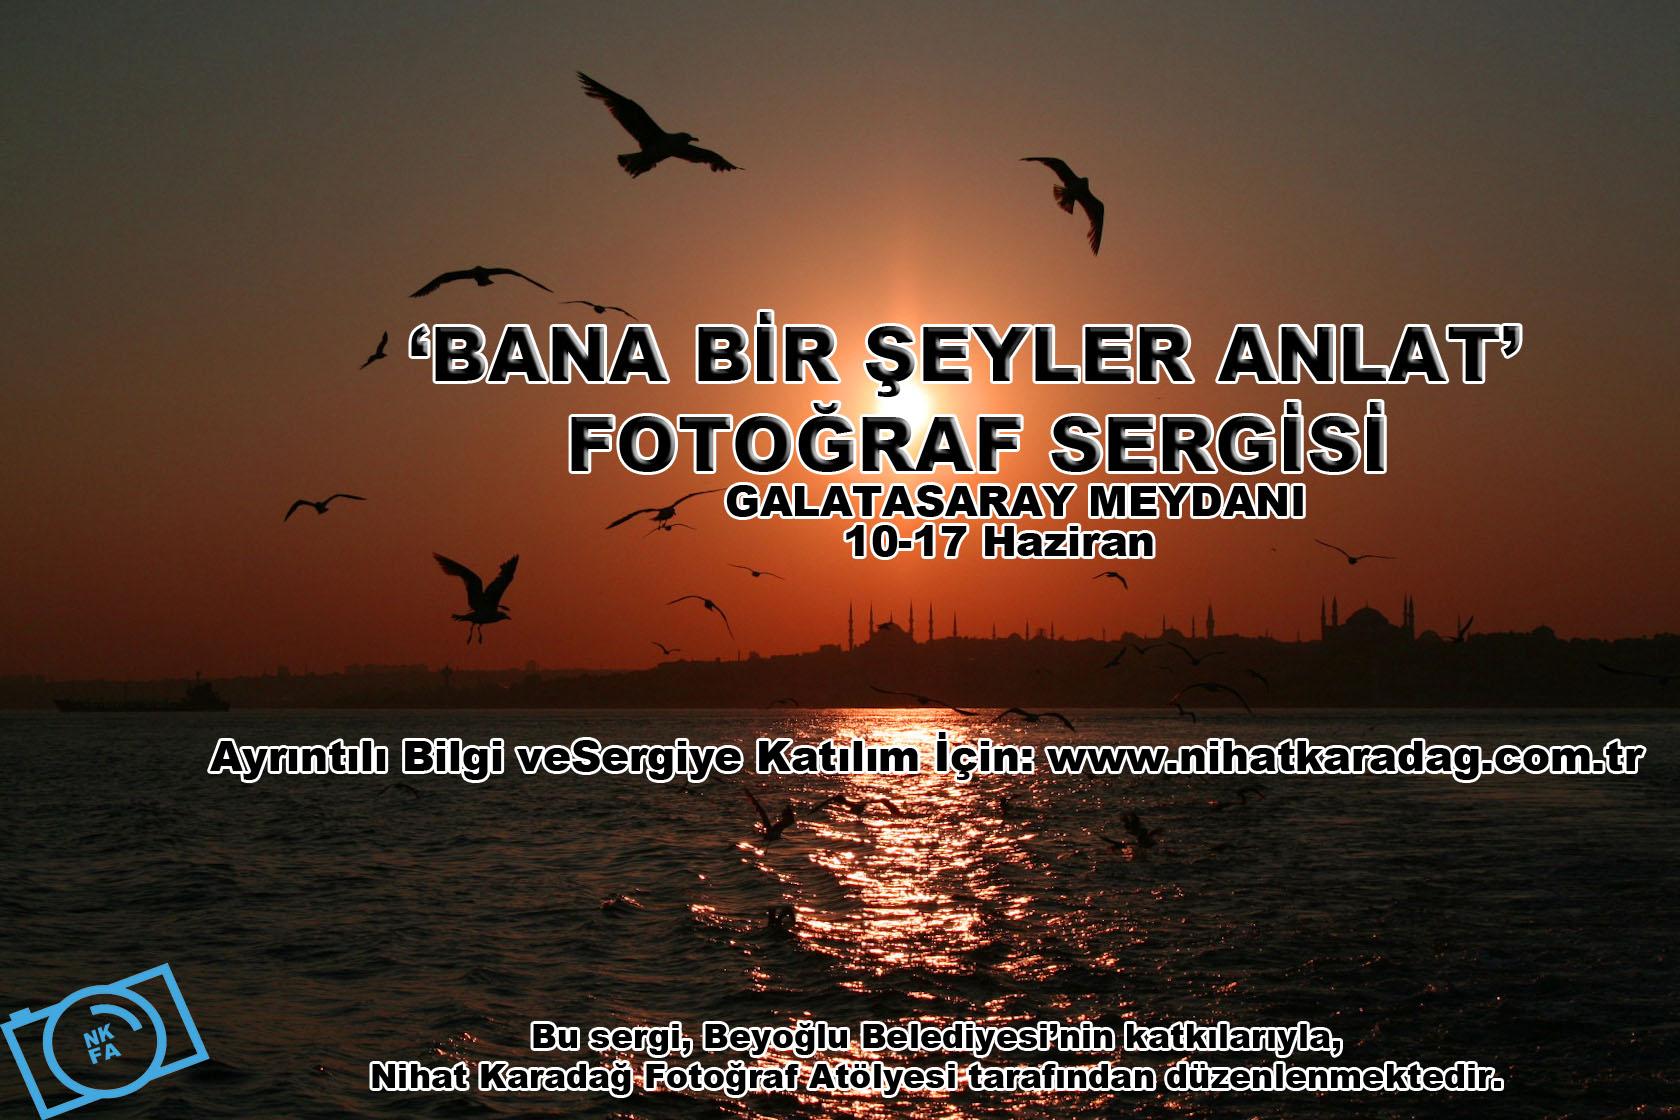 'BANA BİR ŞEYLER ANLAT'  FOTOĞRAF SERGİSİ